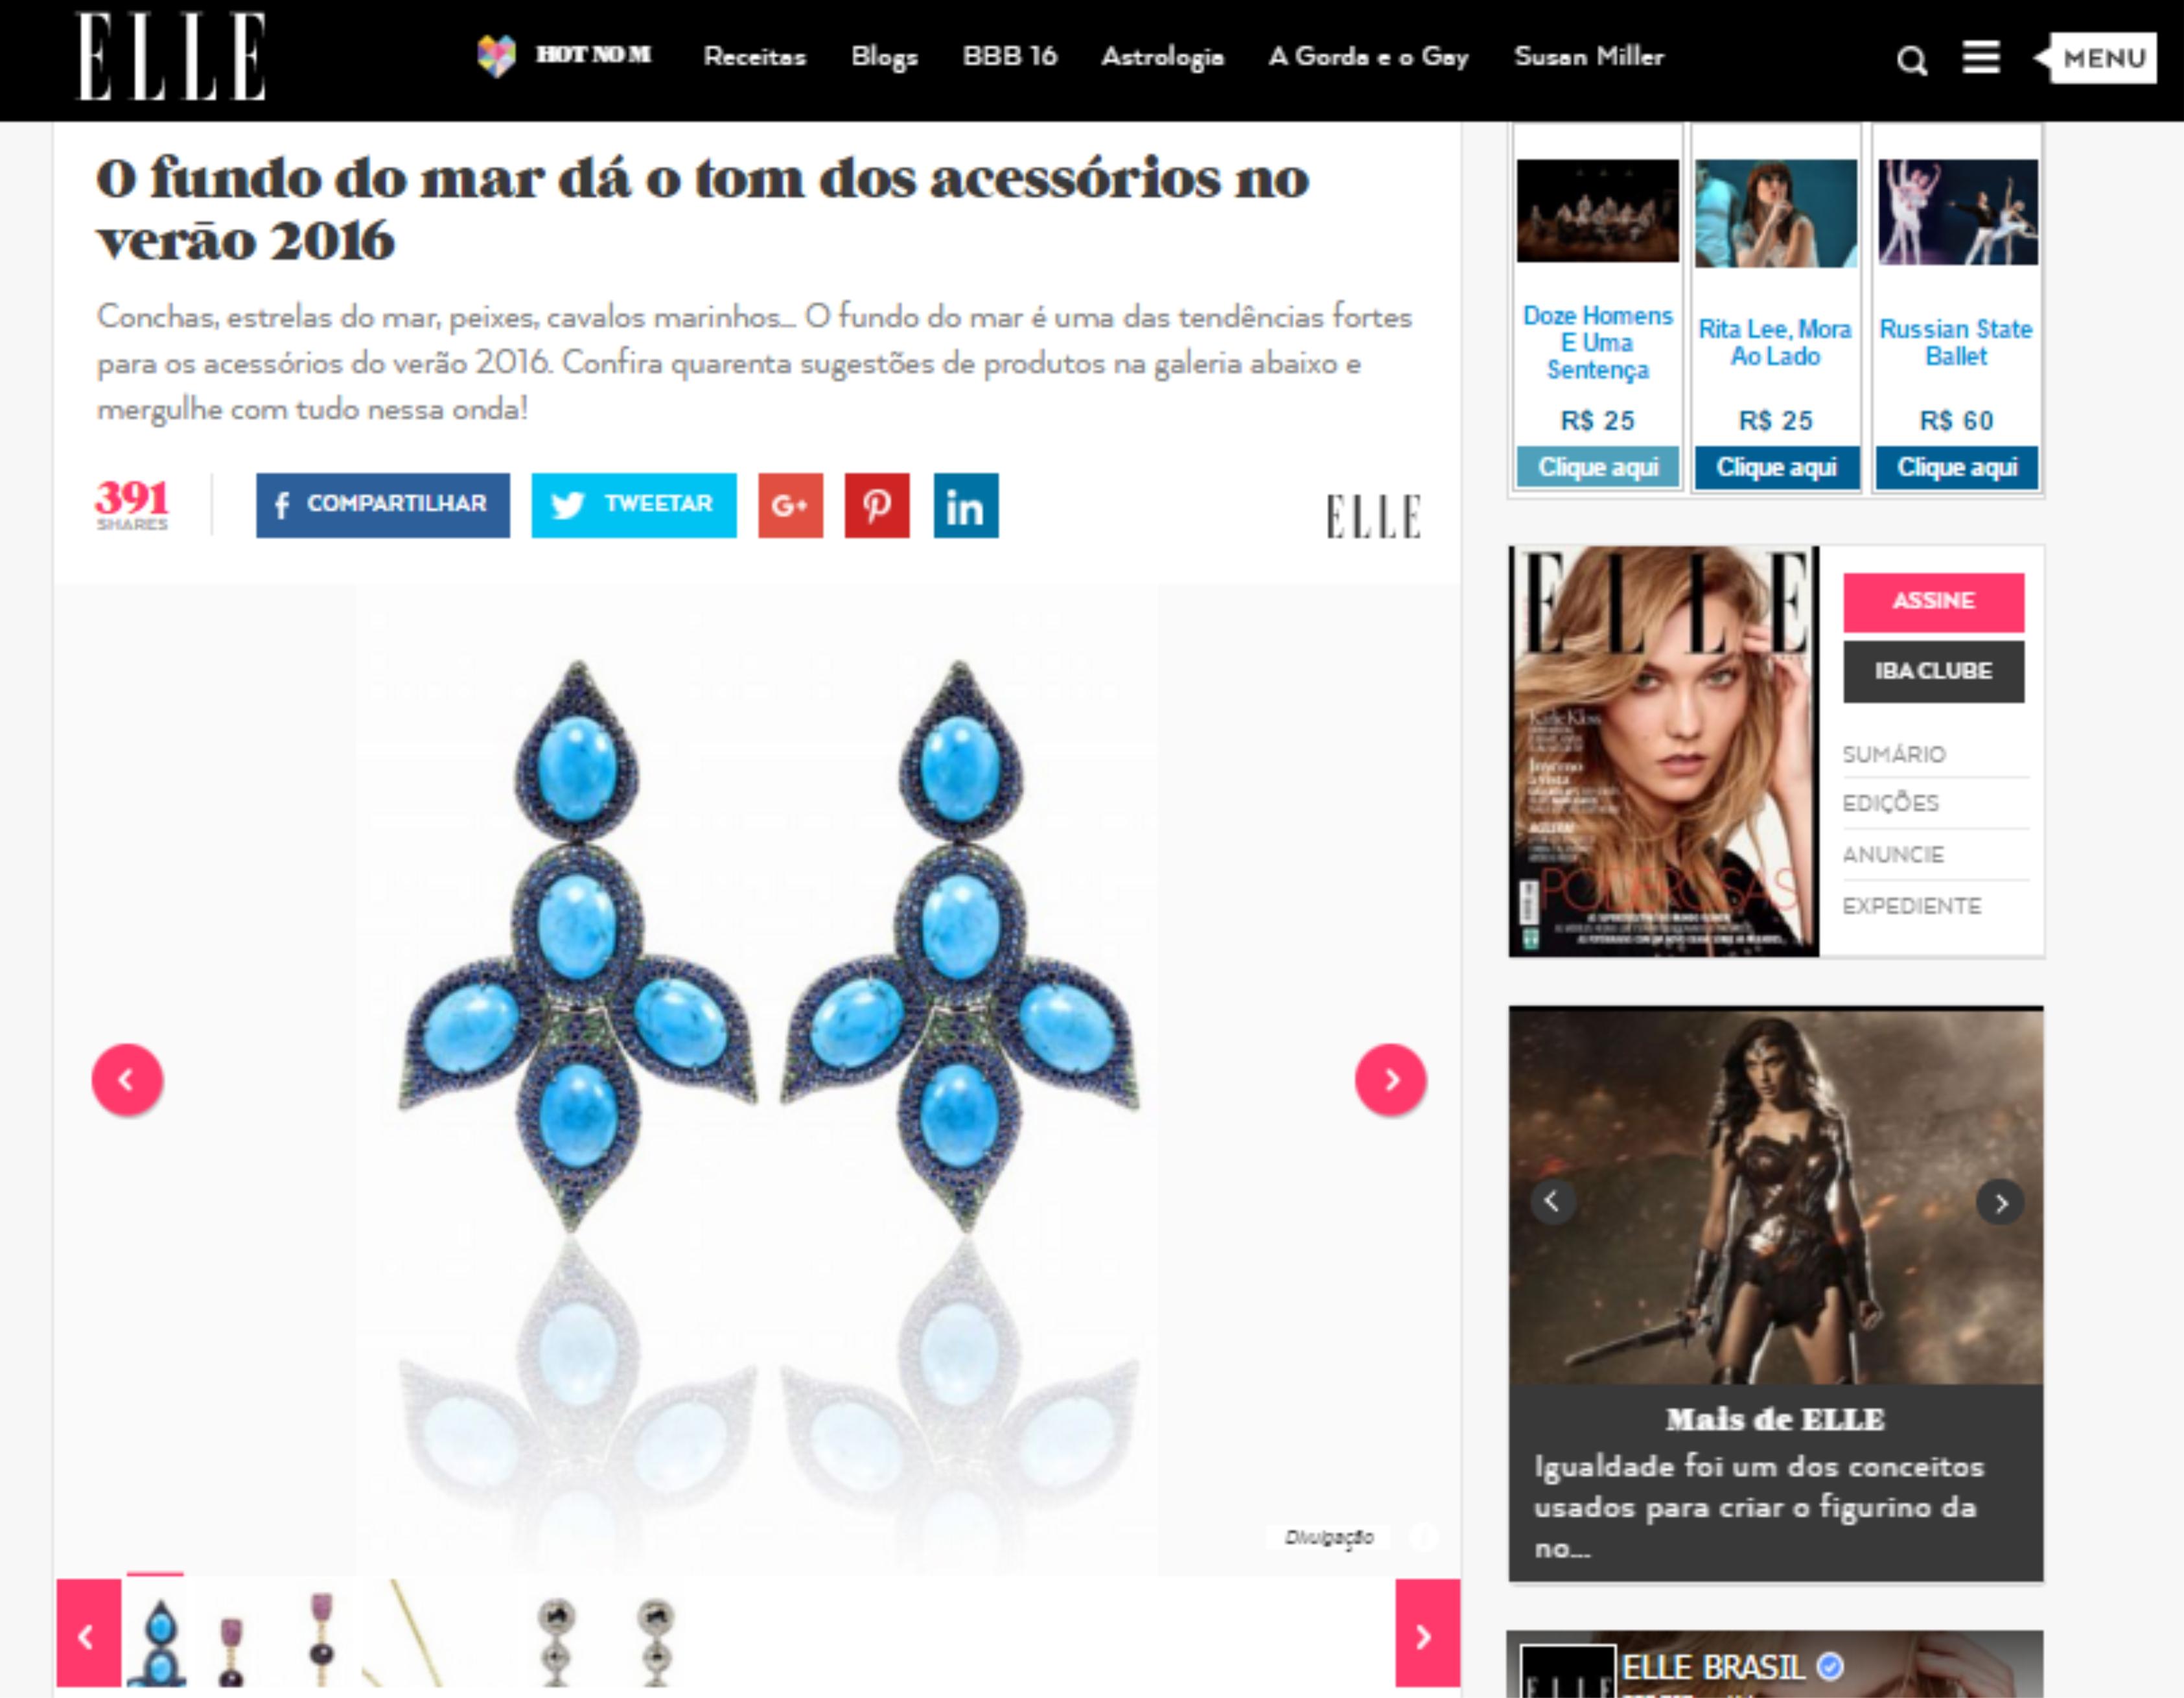 02/10/2015 | Elle Online